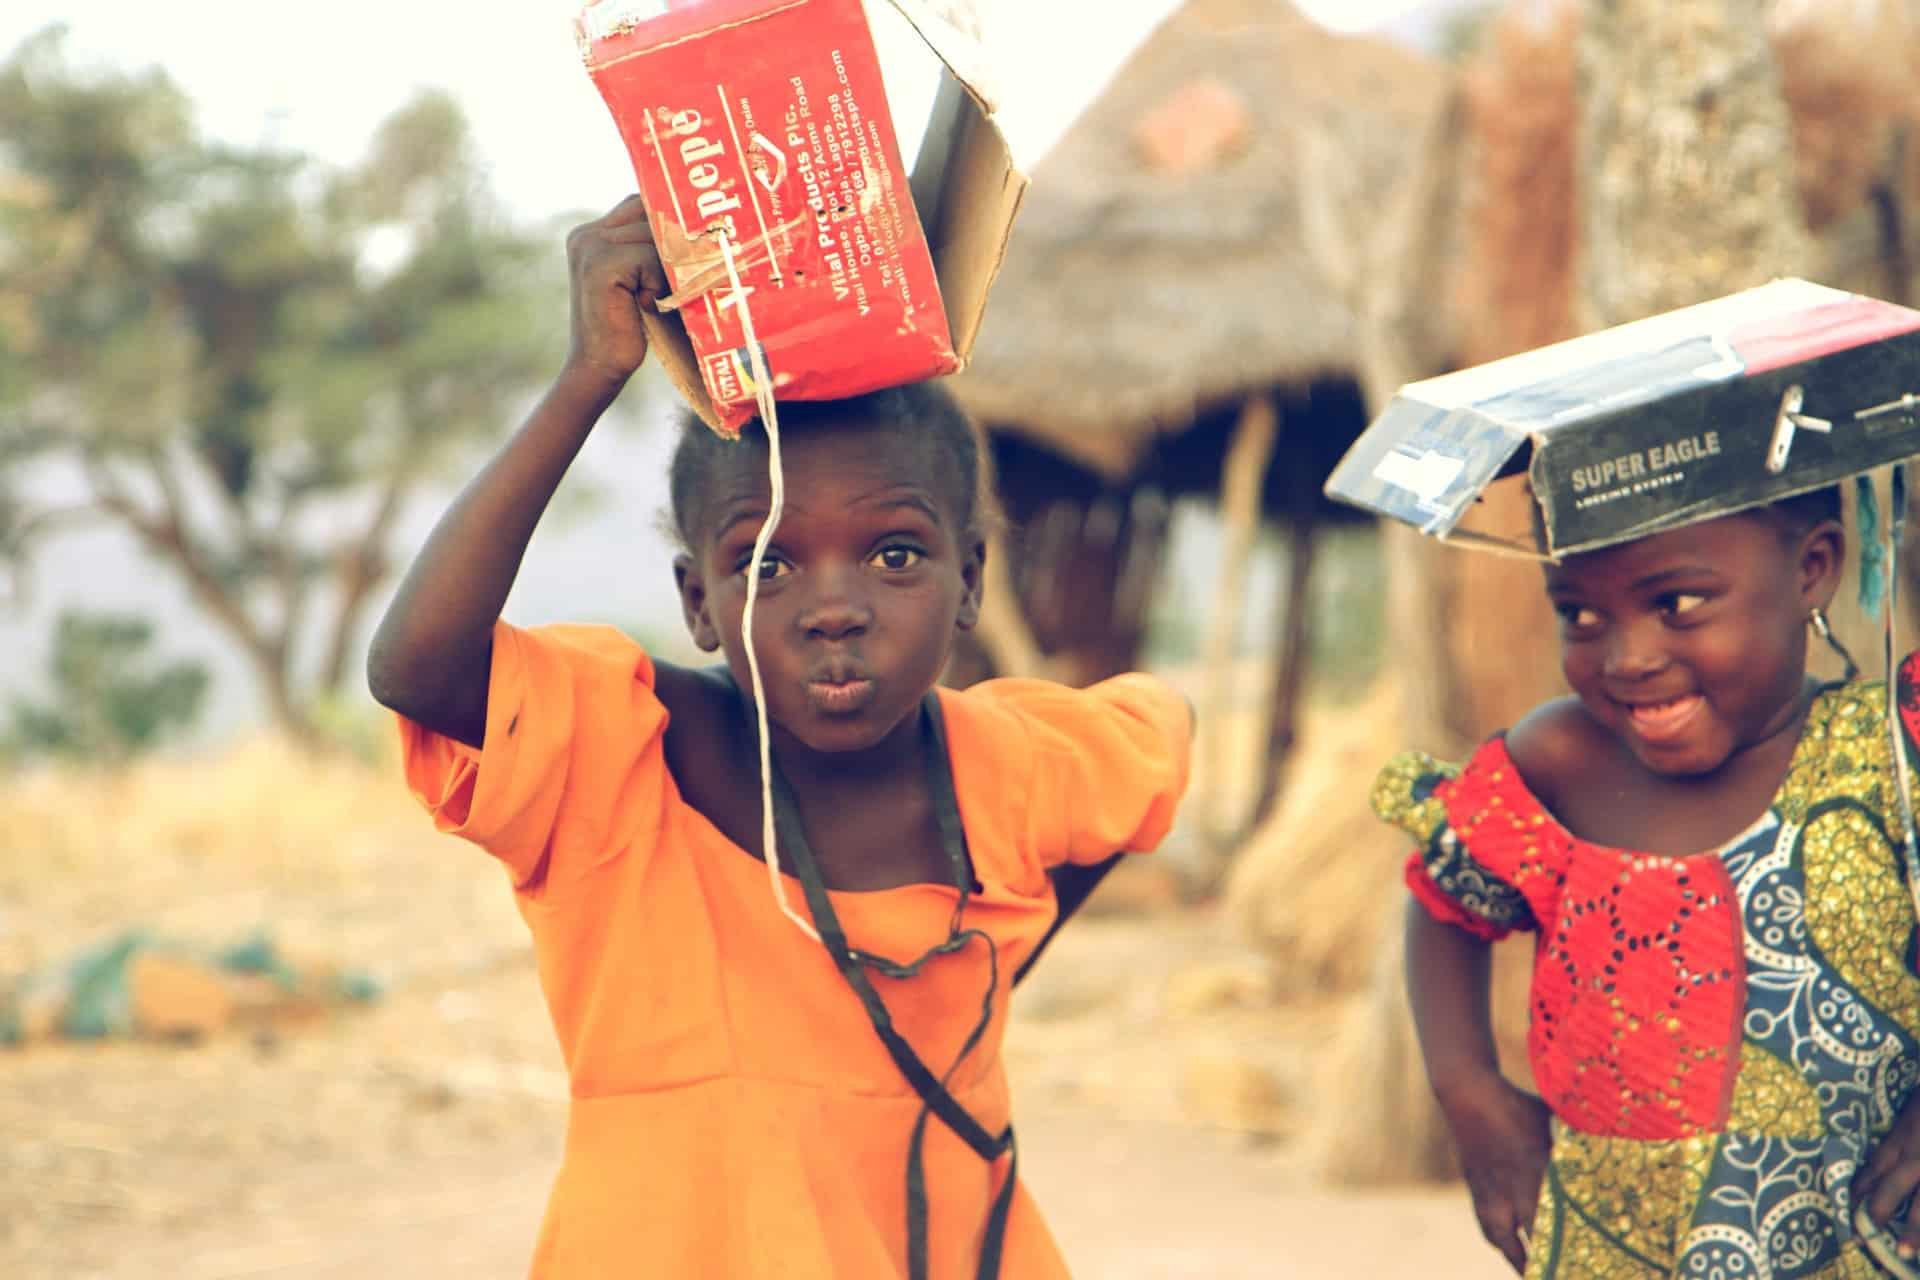 Volontariato internazionale in Kenya con bambini abbandonati